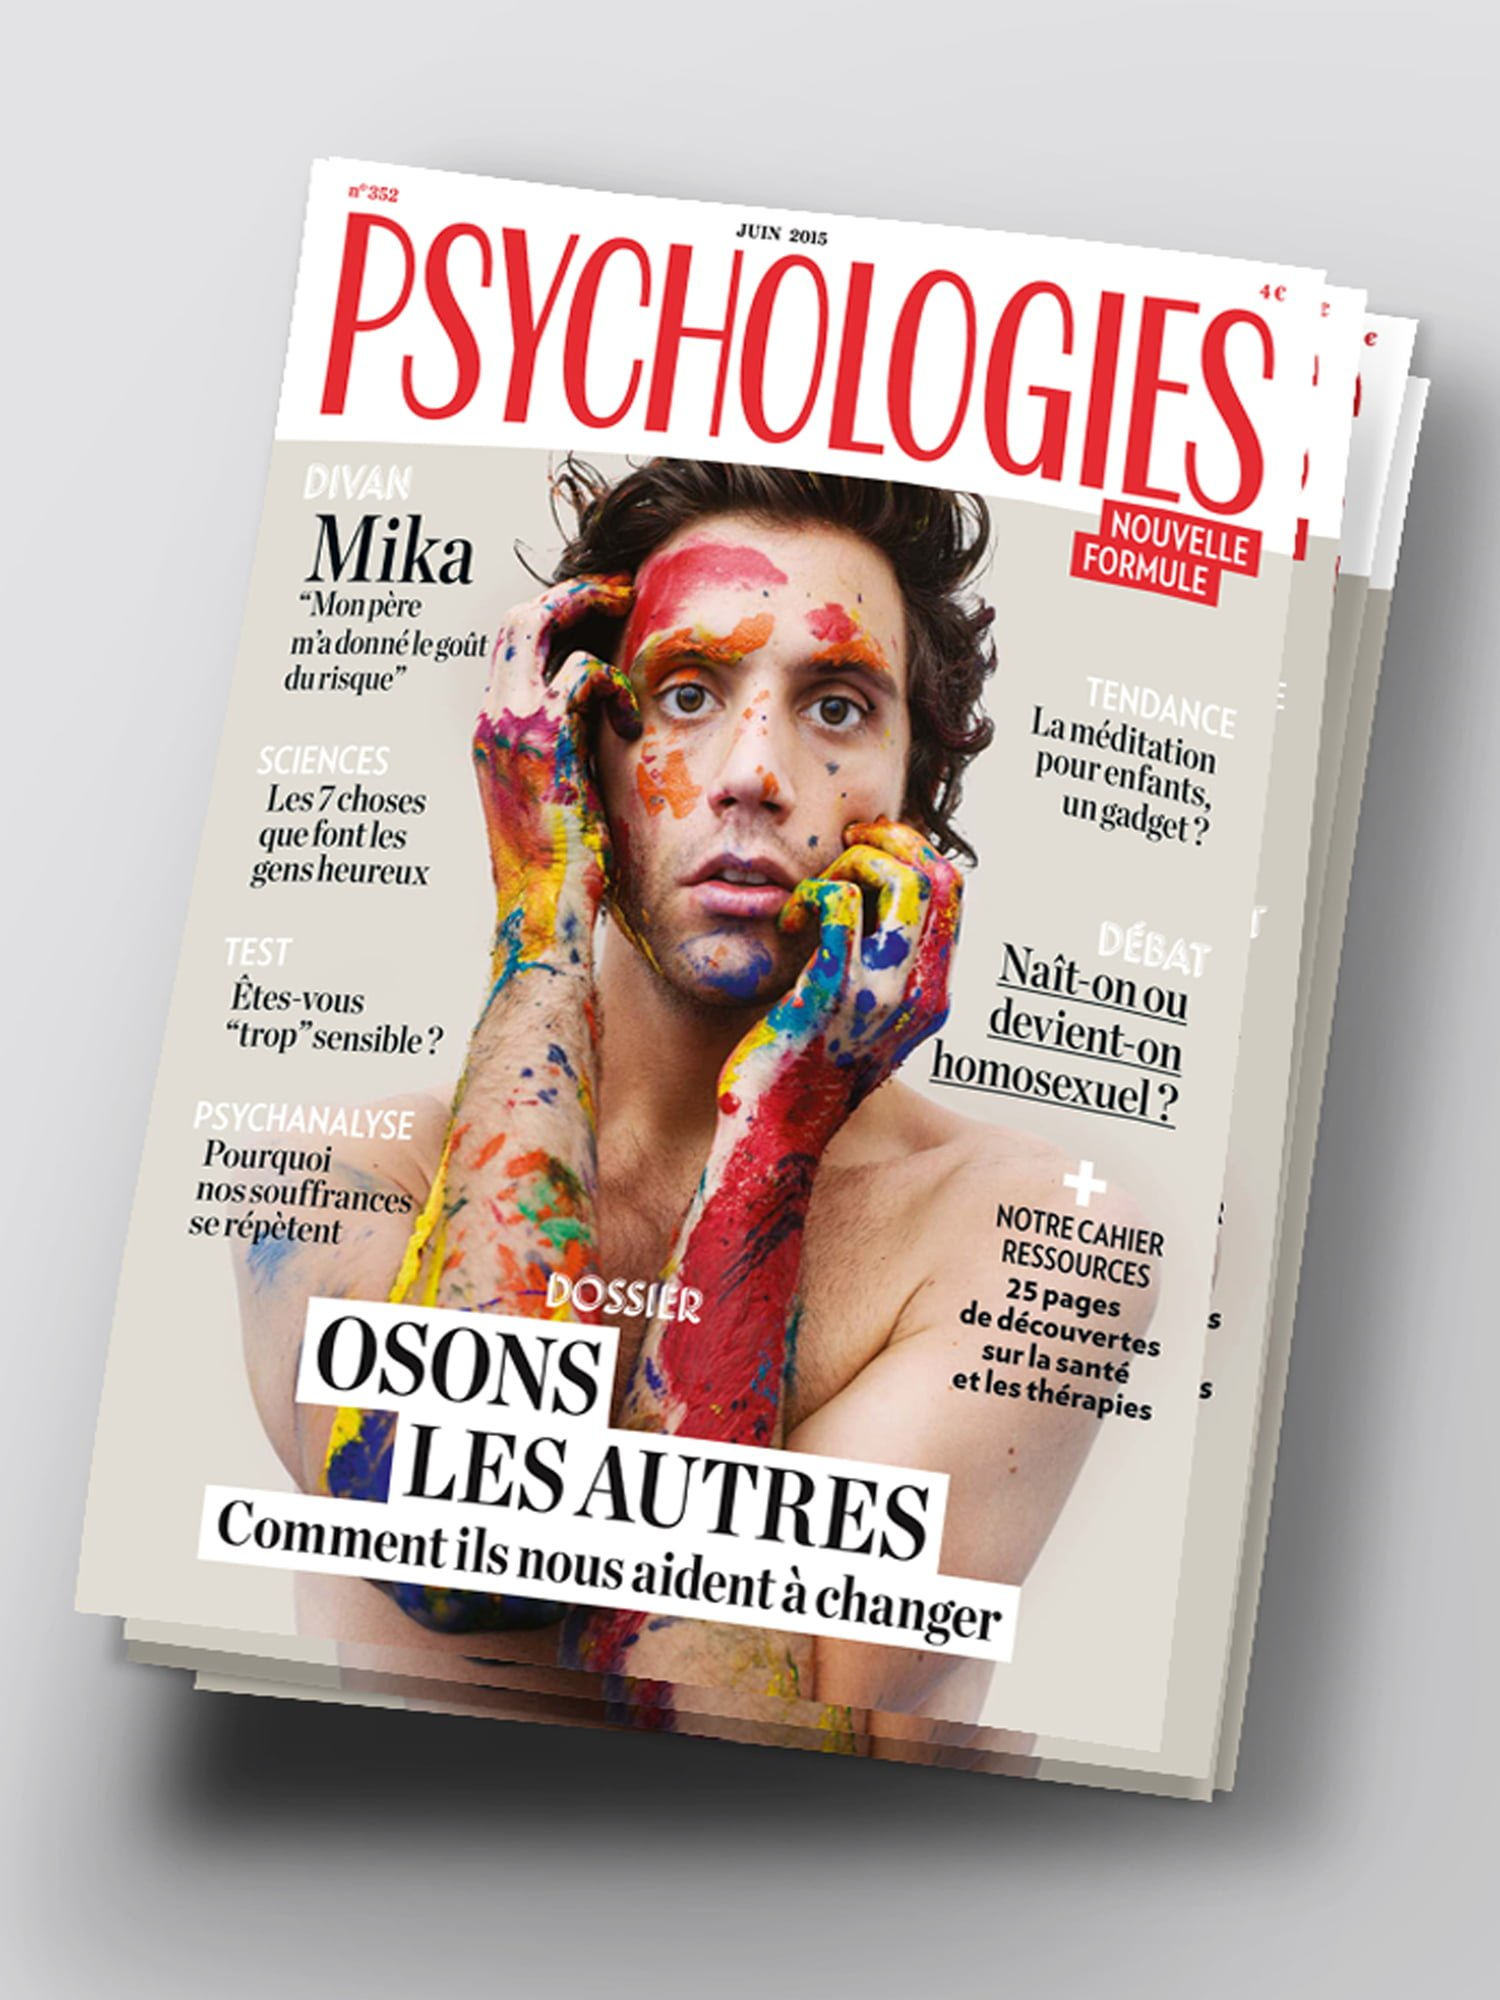 aurelie bert,psychologies magazine,nouvelle formule,presse,freelance,design graphique